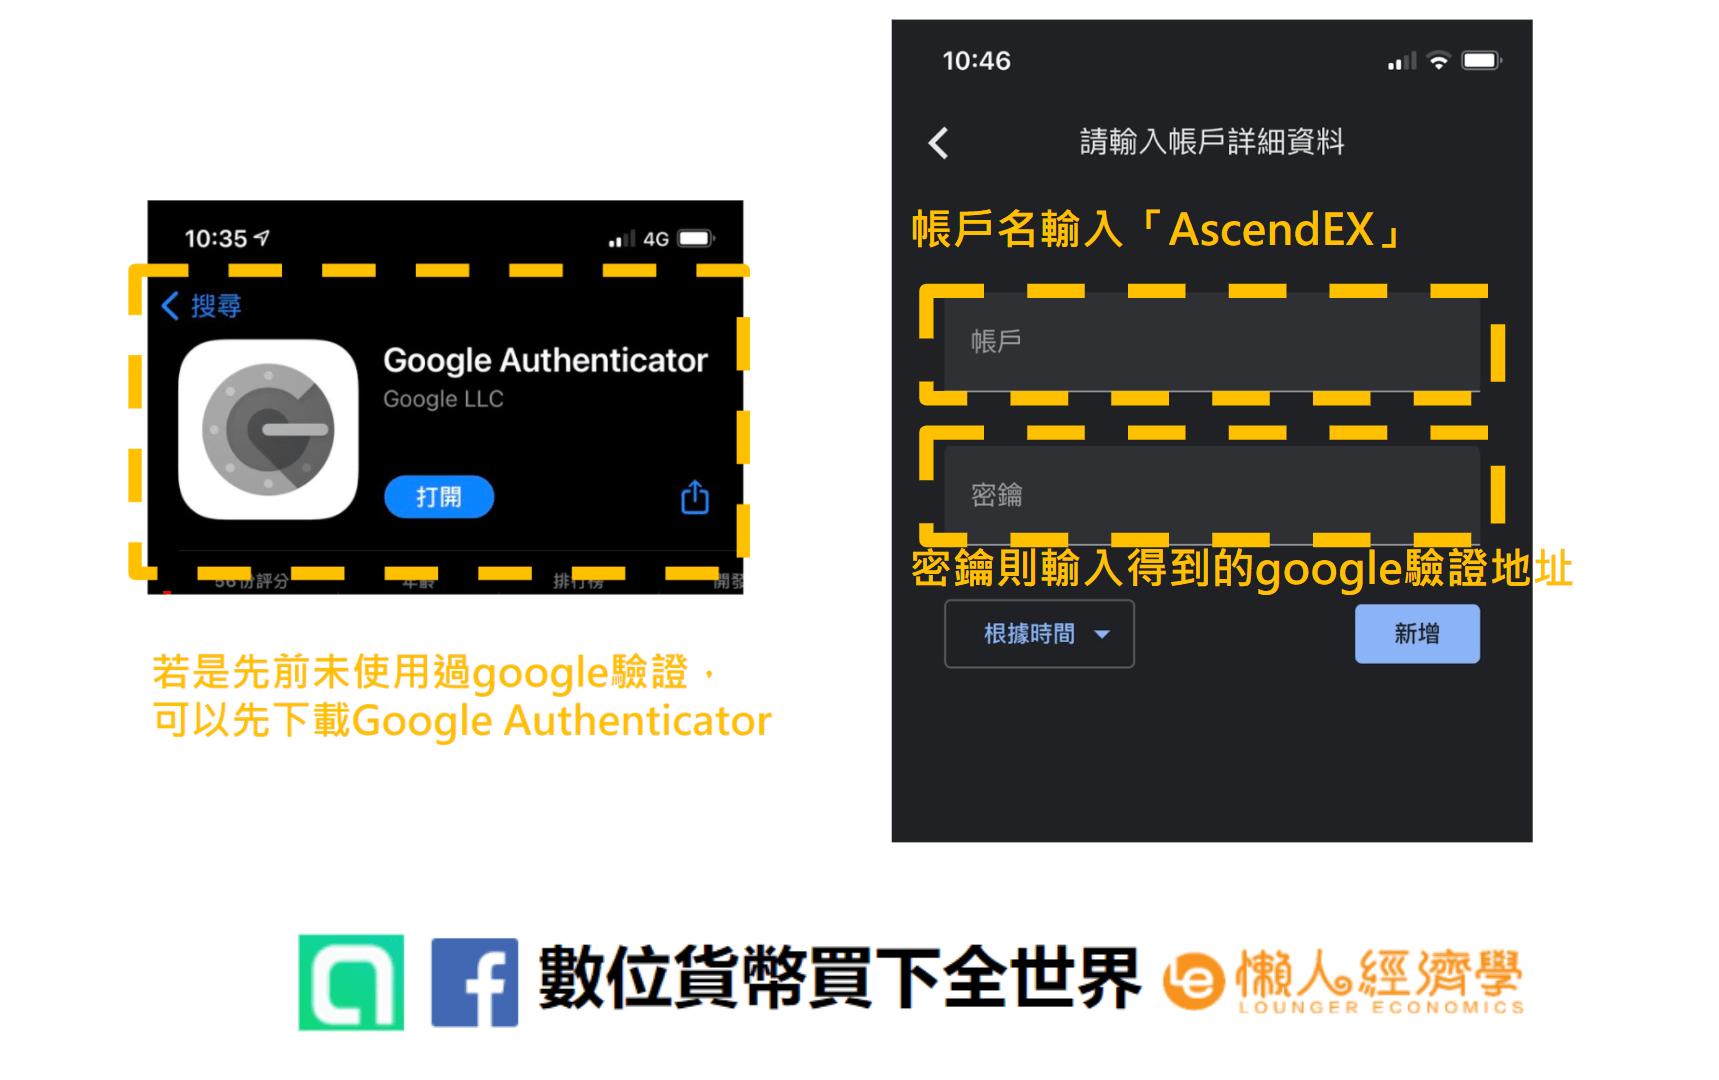 在帳戶名的部分可以輸入「AscendEX」,而密鑰則是先前在得到的地址